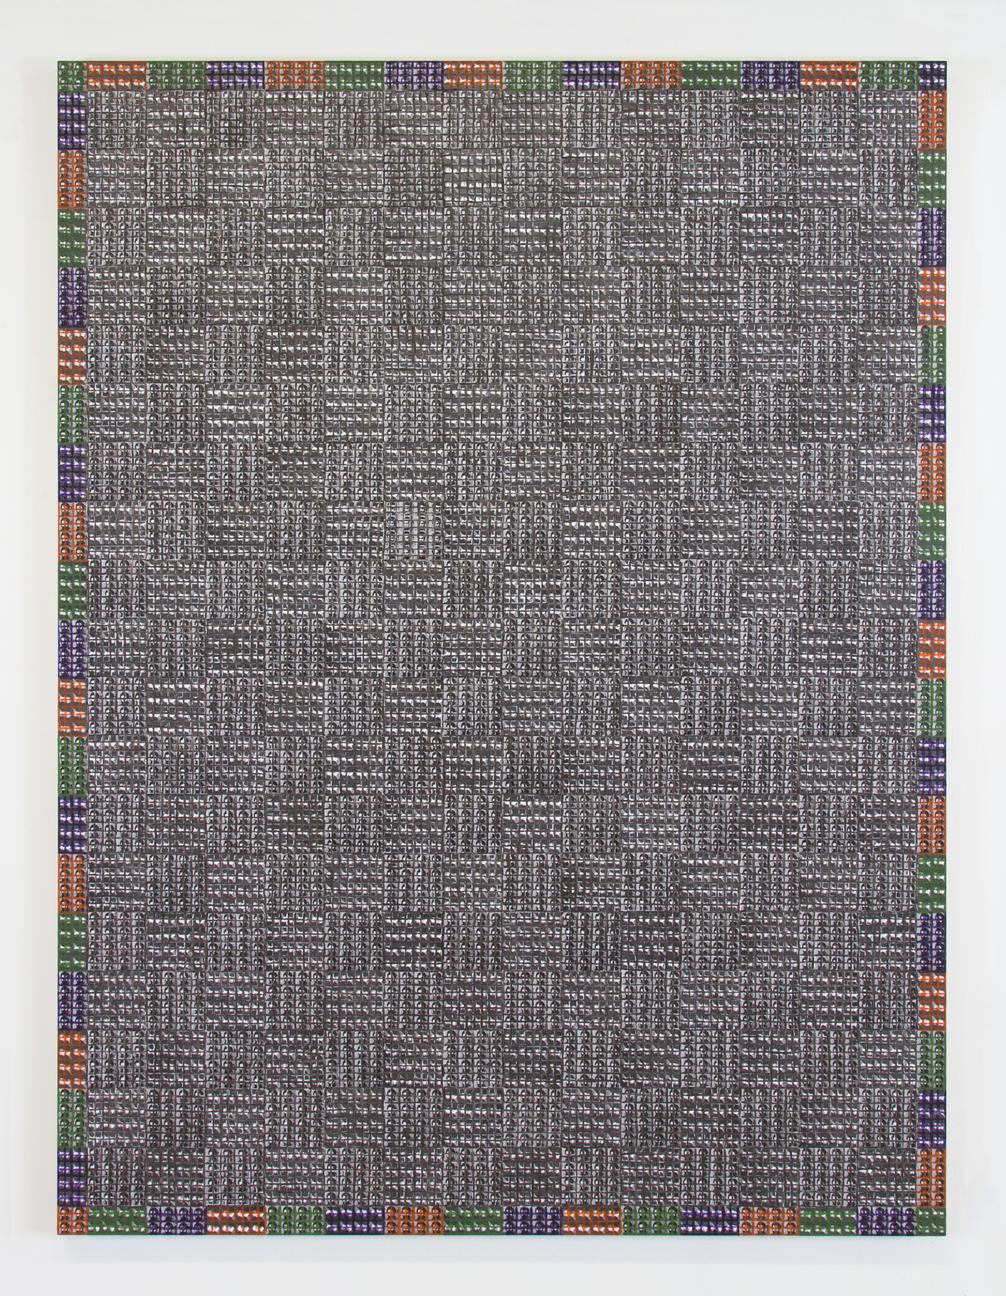 Binion/Saarinen: A McArthur Binion Project